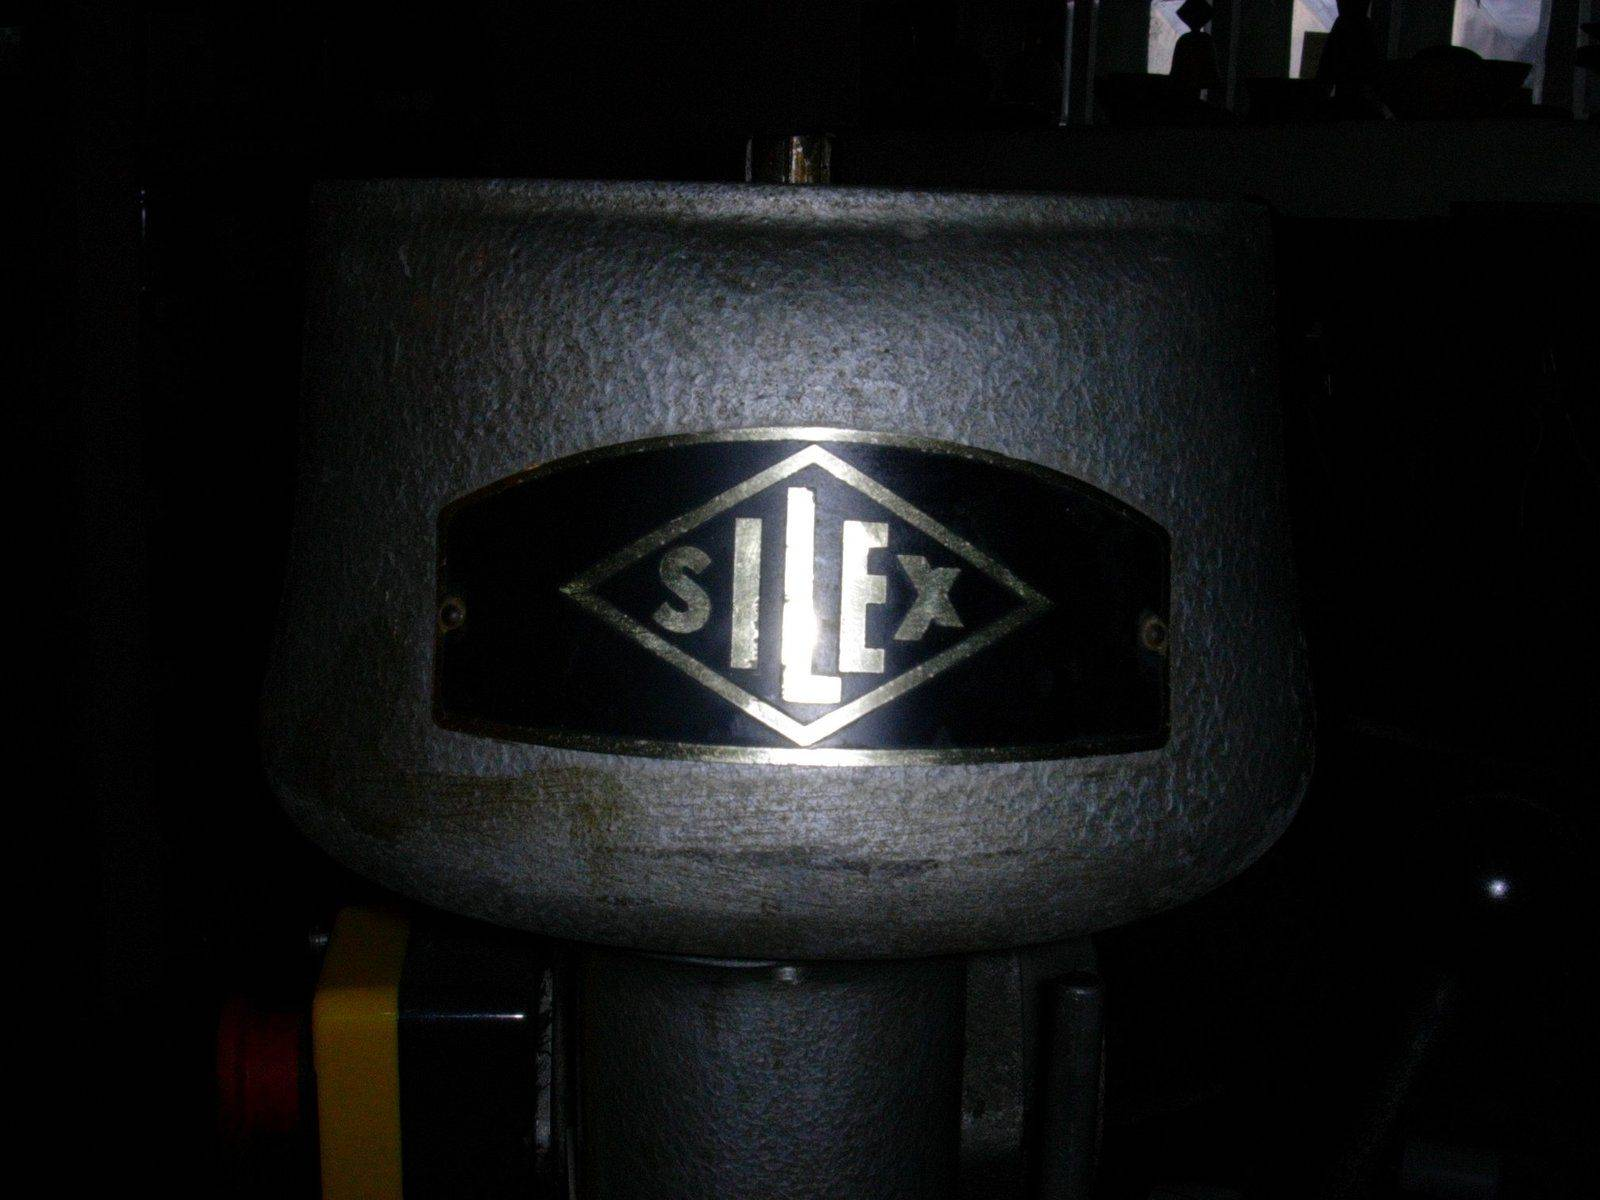 Silex.JPG